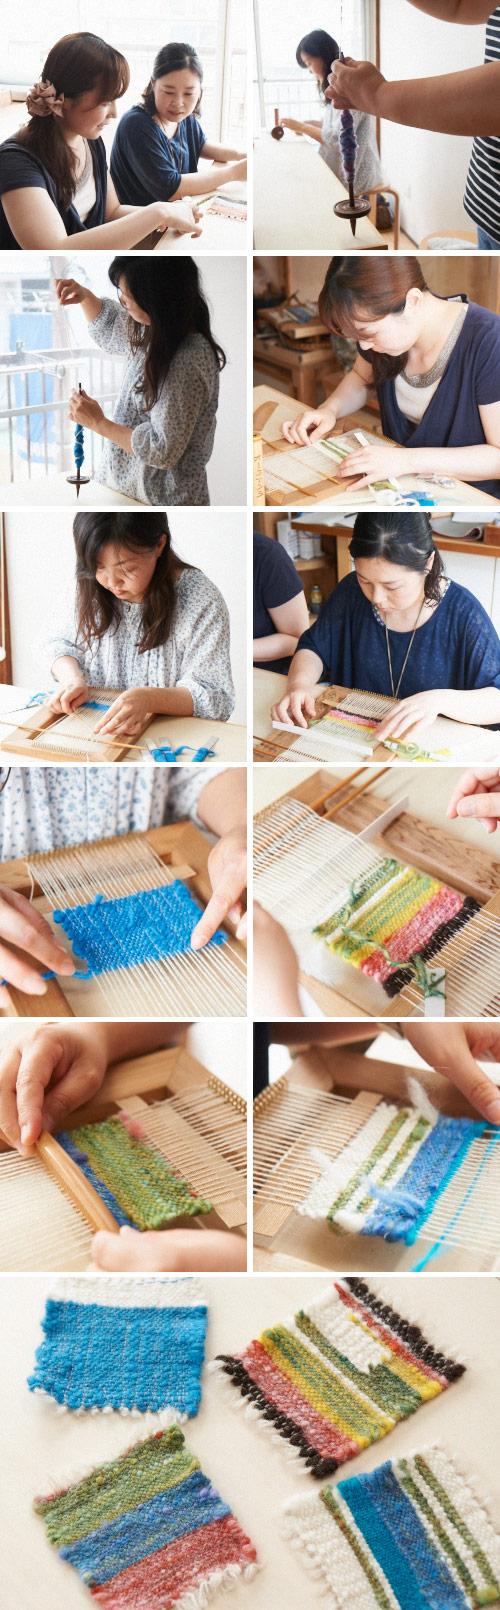 紡いで織るワークショップ